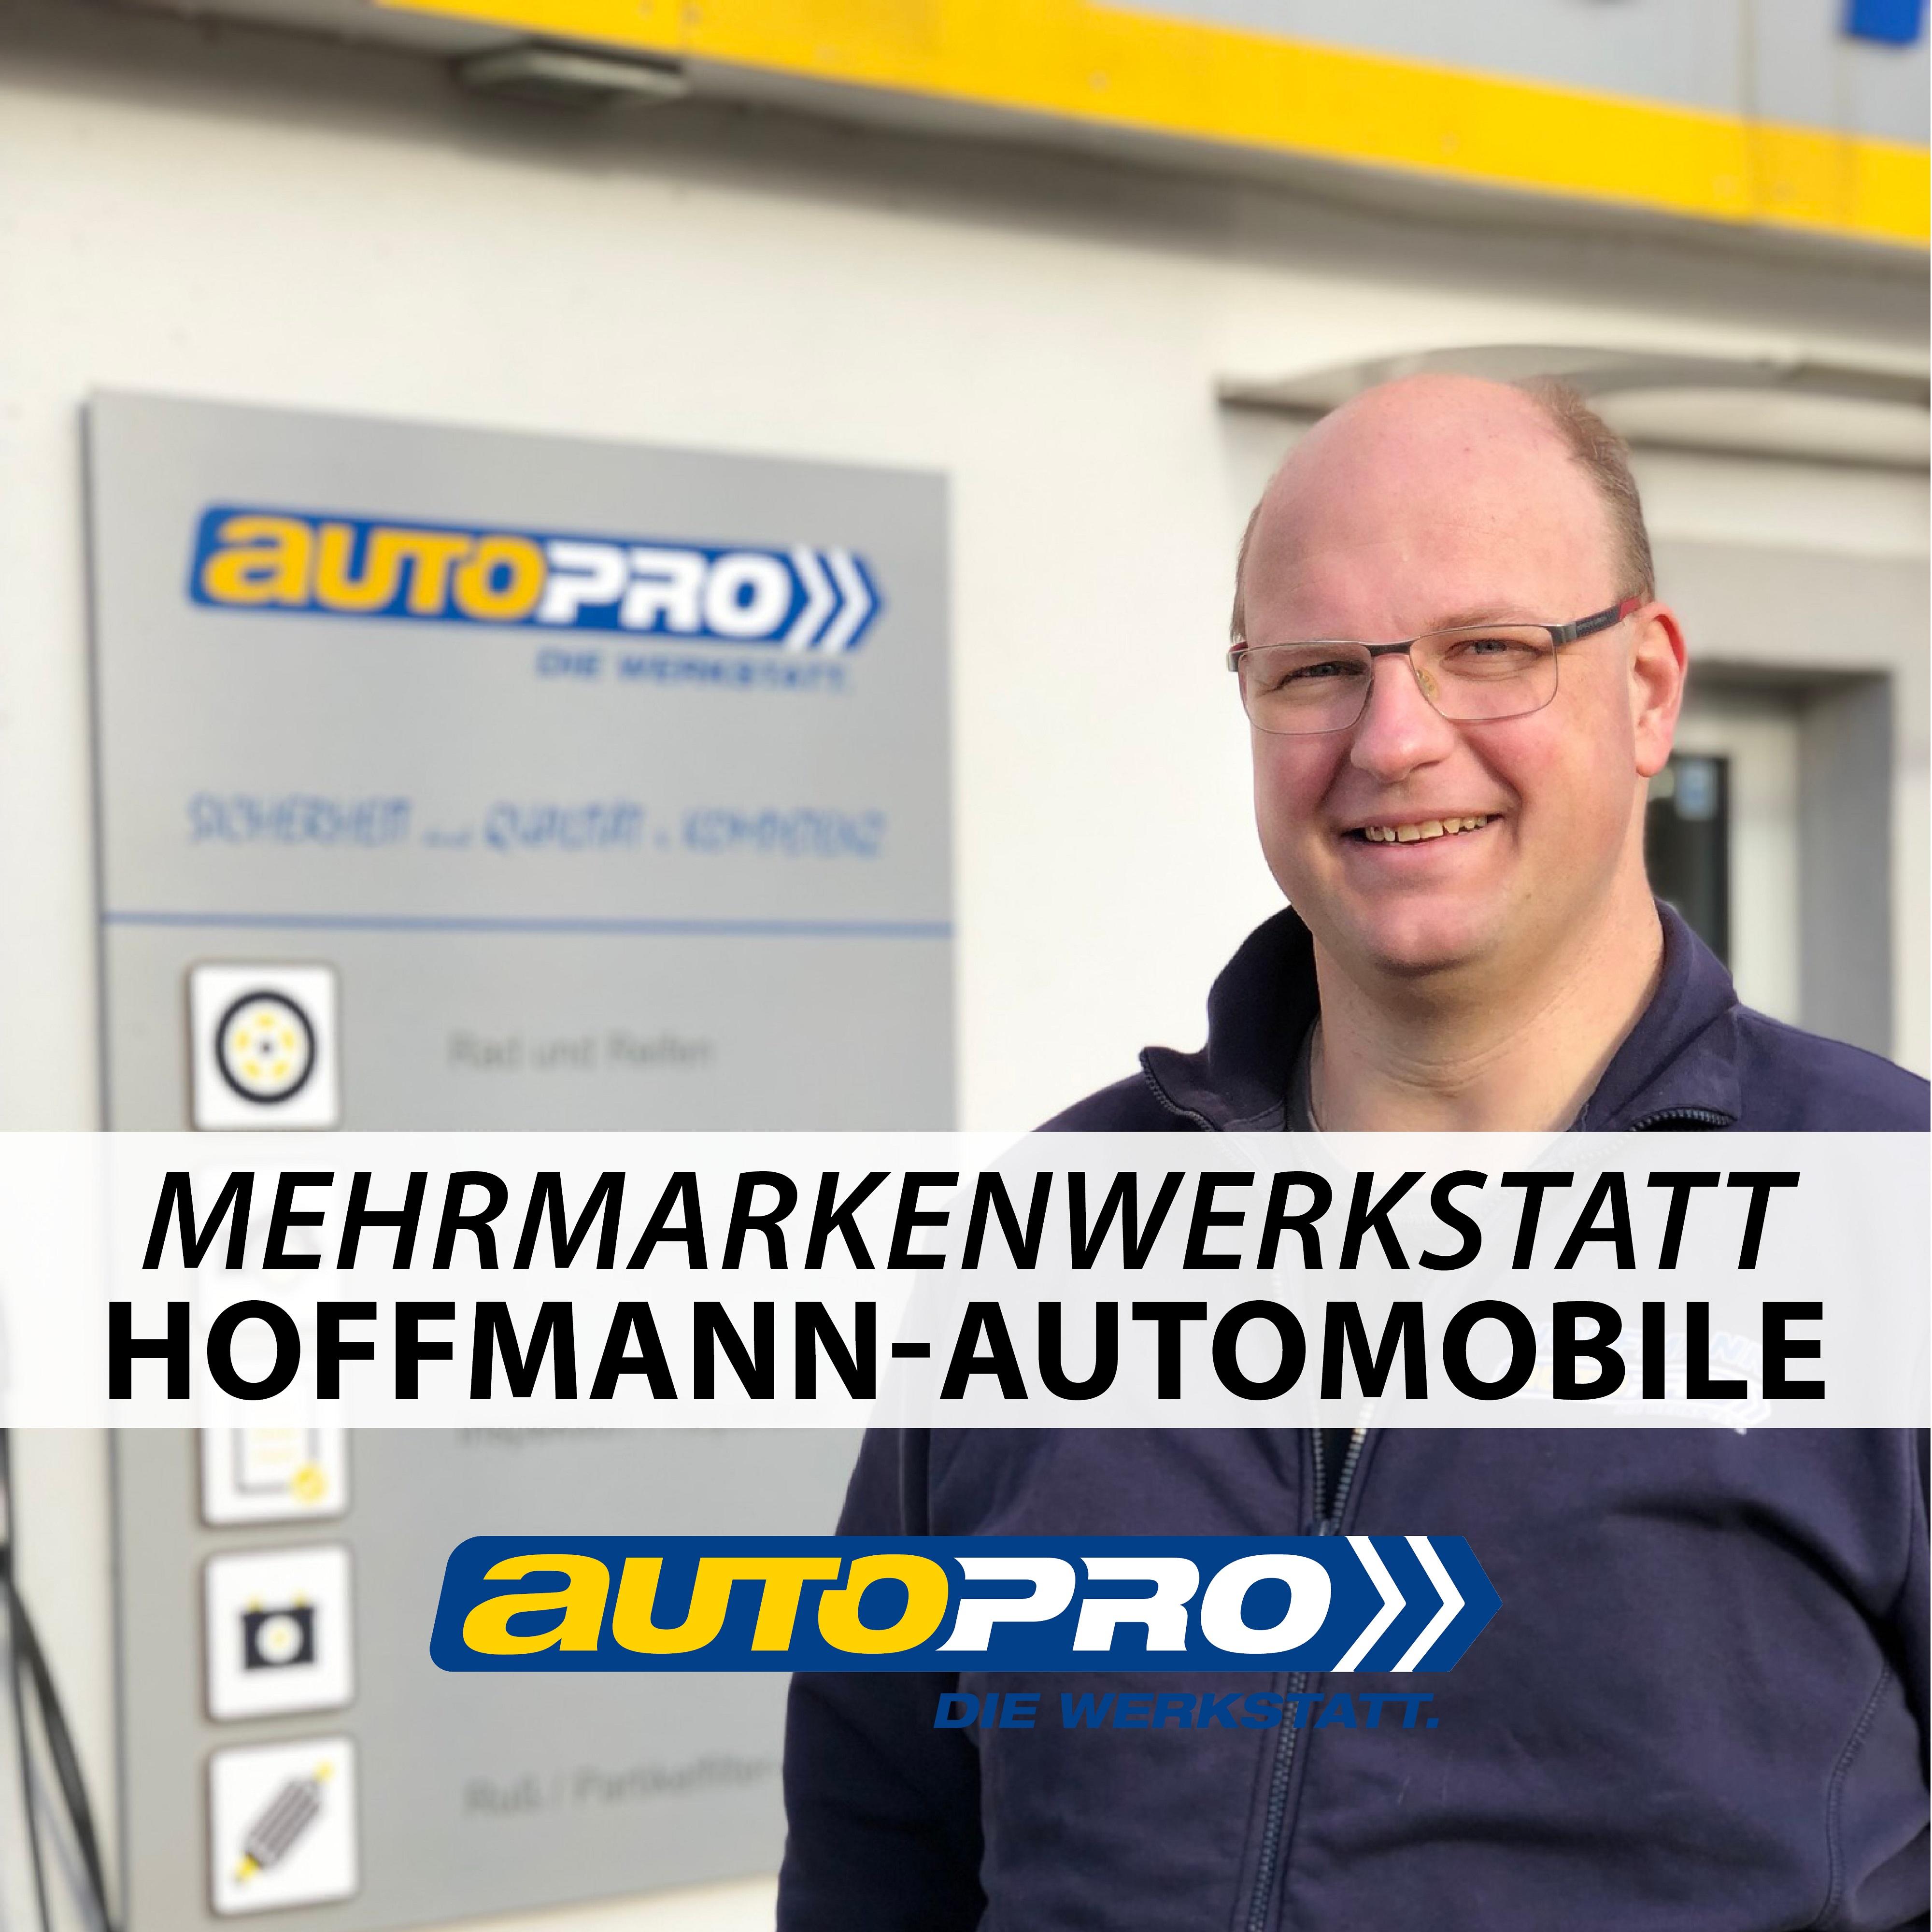 Hoffmann-Automobile Dresden